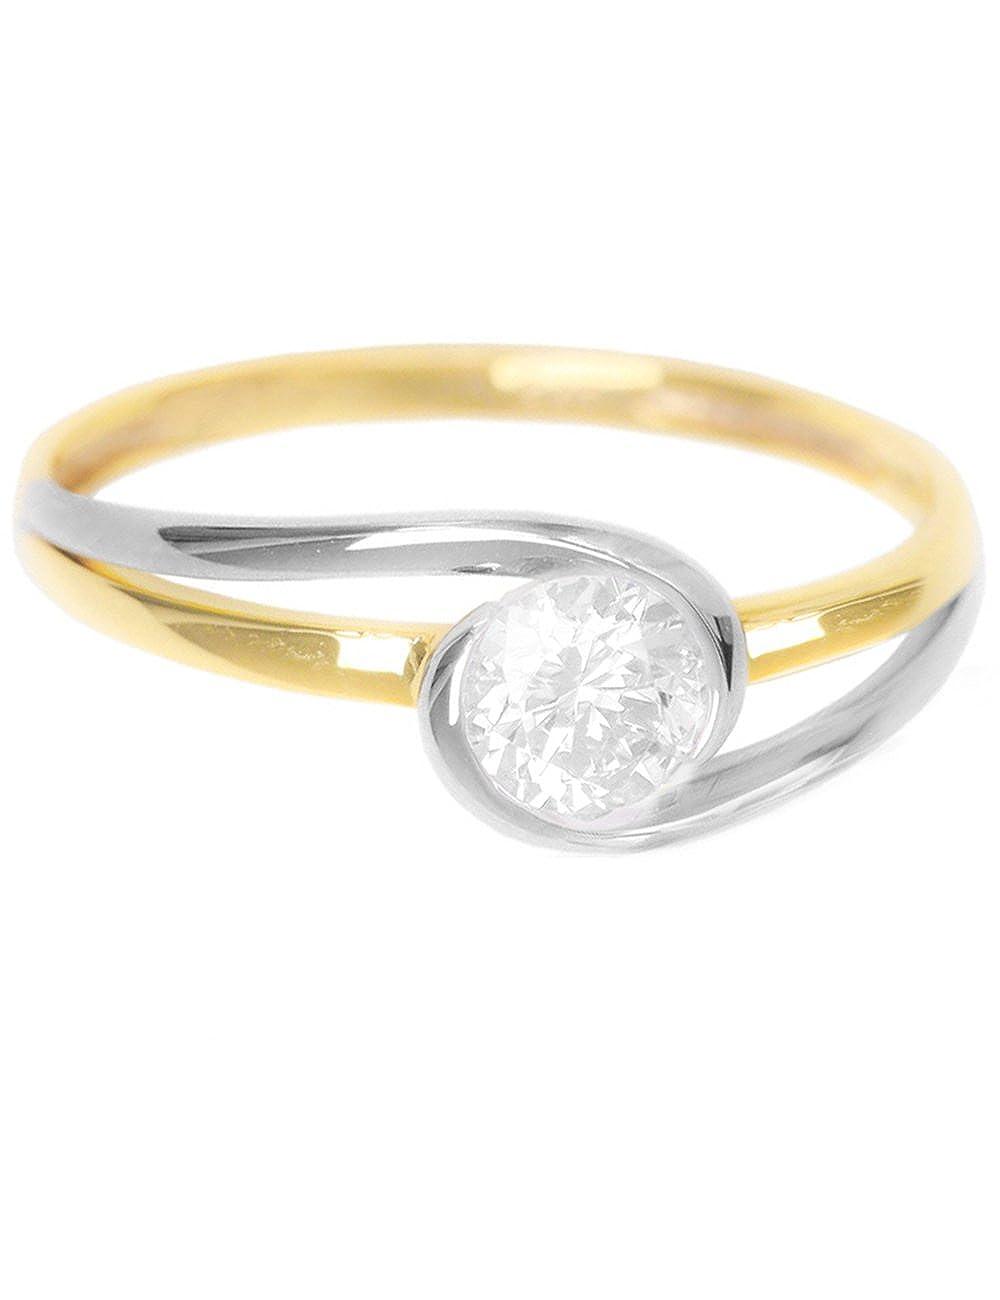 5a30e9b83818 Anillos Amarillo Compromiso Bicolor Blanco Oro 375 De Mygold qzpGSMVU